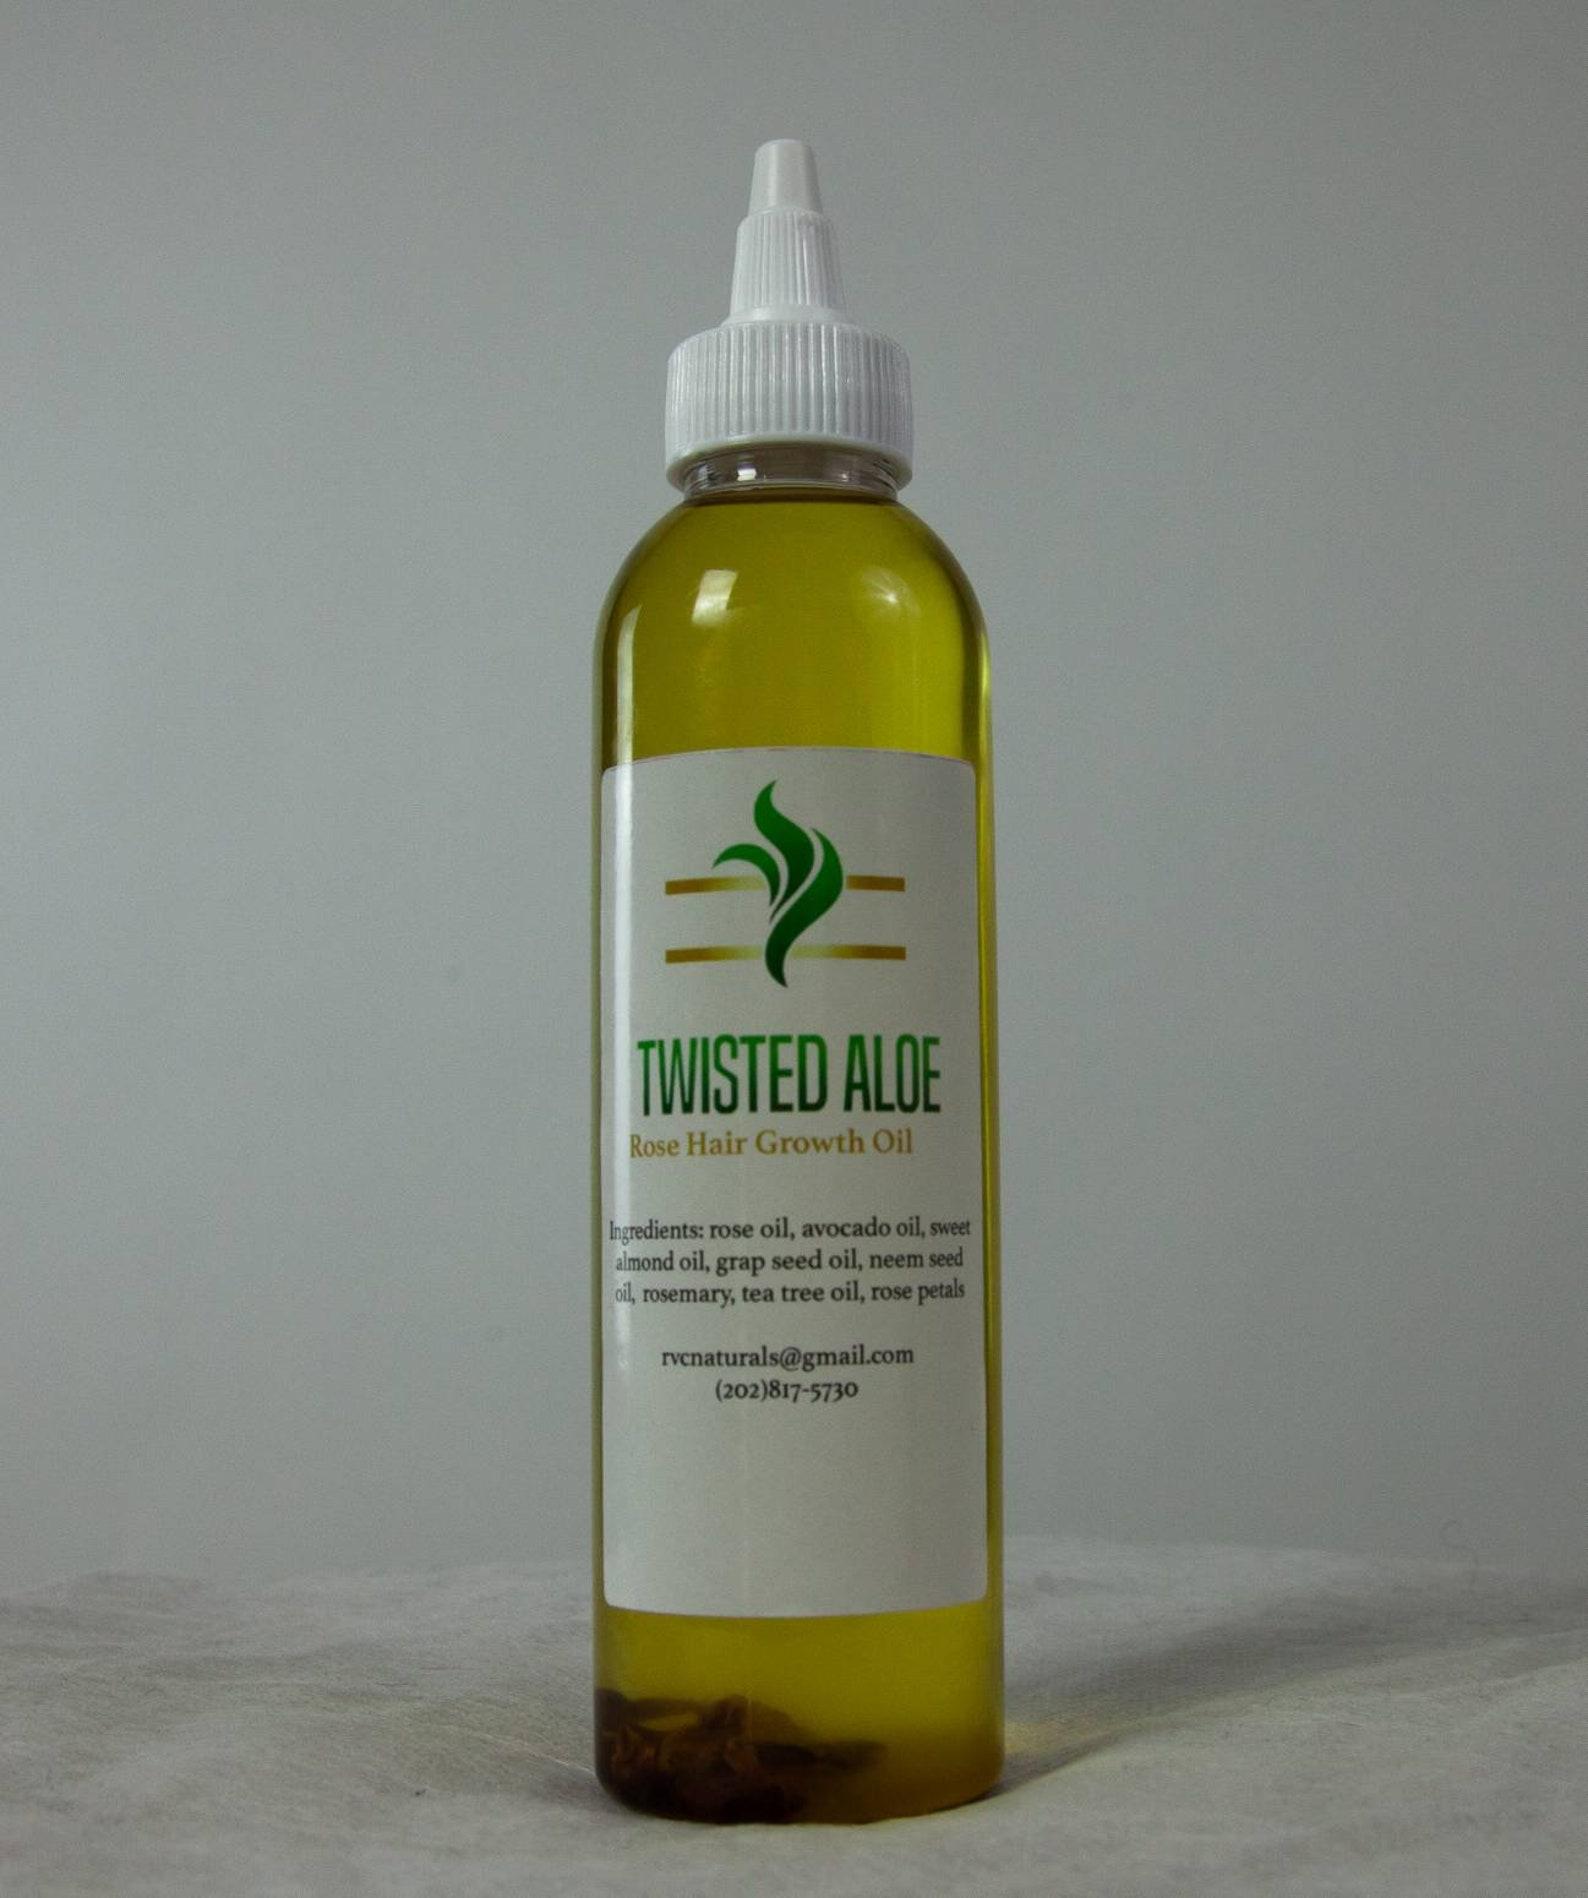 etsy.com - Aloe Rose Oil